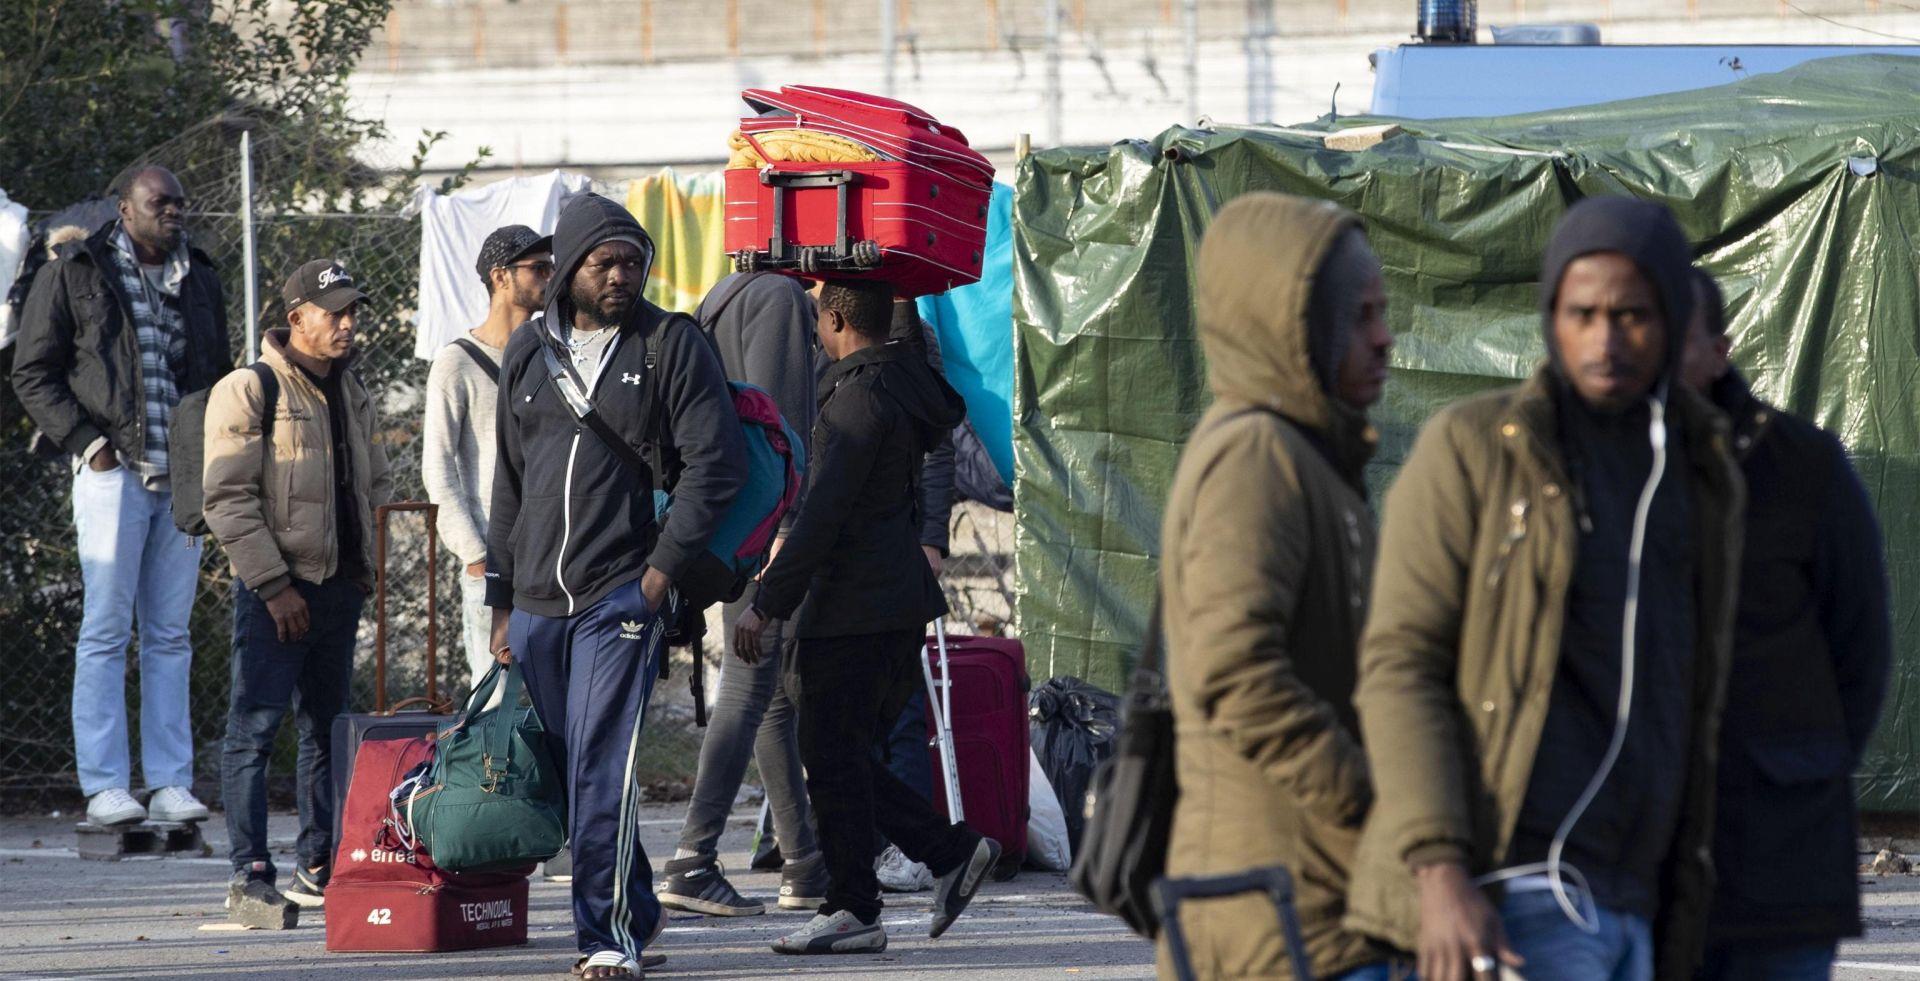 Ujedinjeni narodi imaju i Globalni kompakt o izbjeglicama